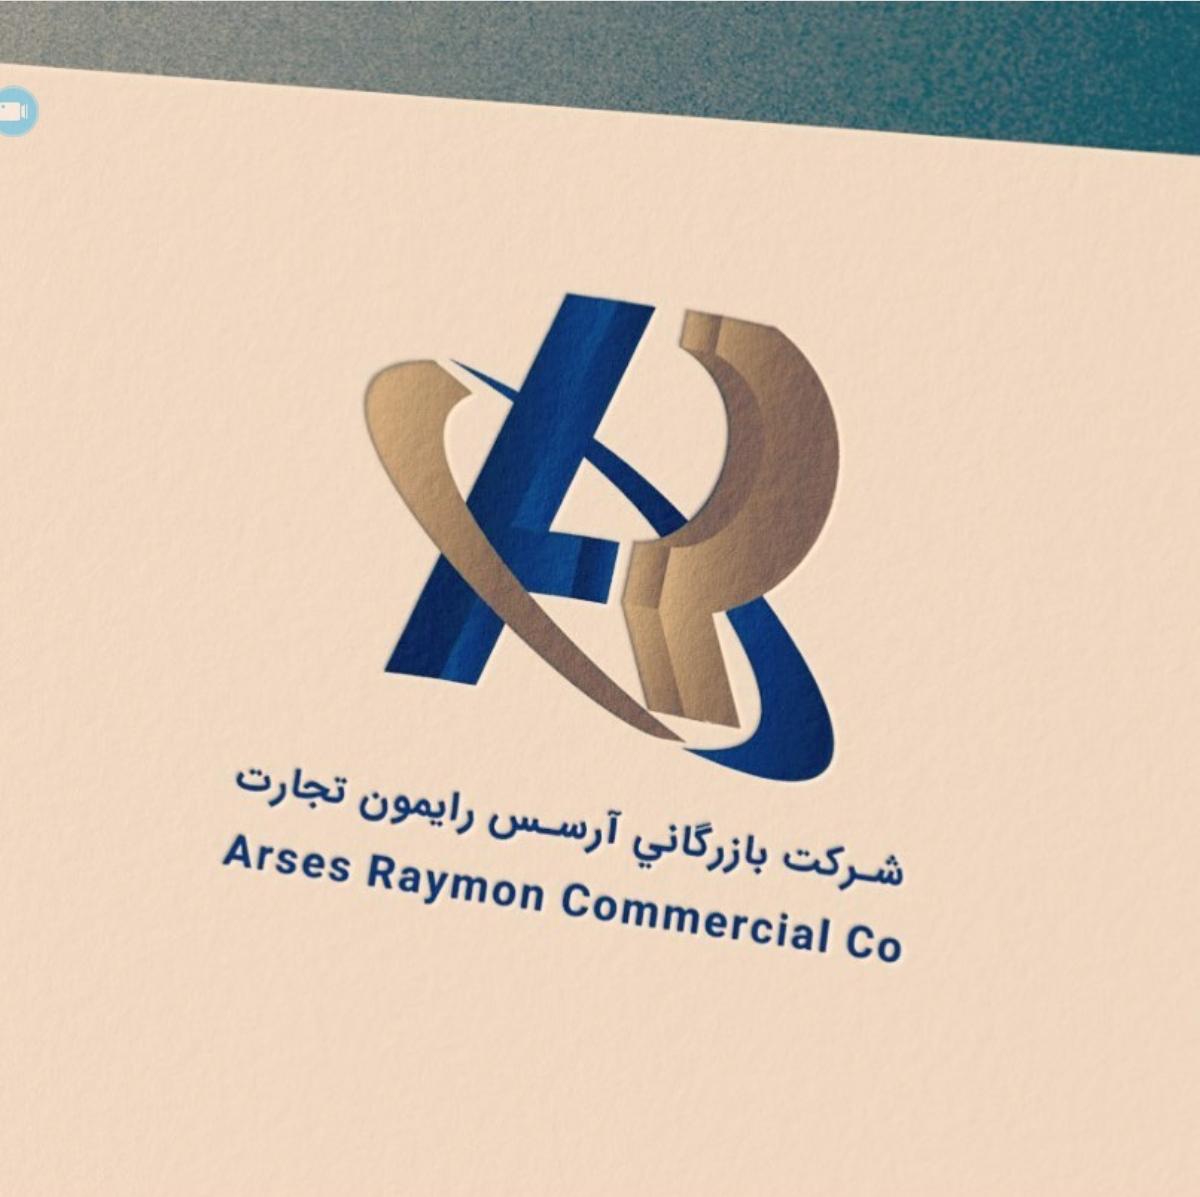 شرکت بازرگانی آرسس رایمون تجارت